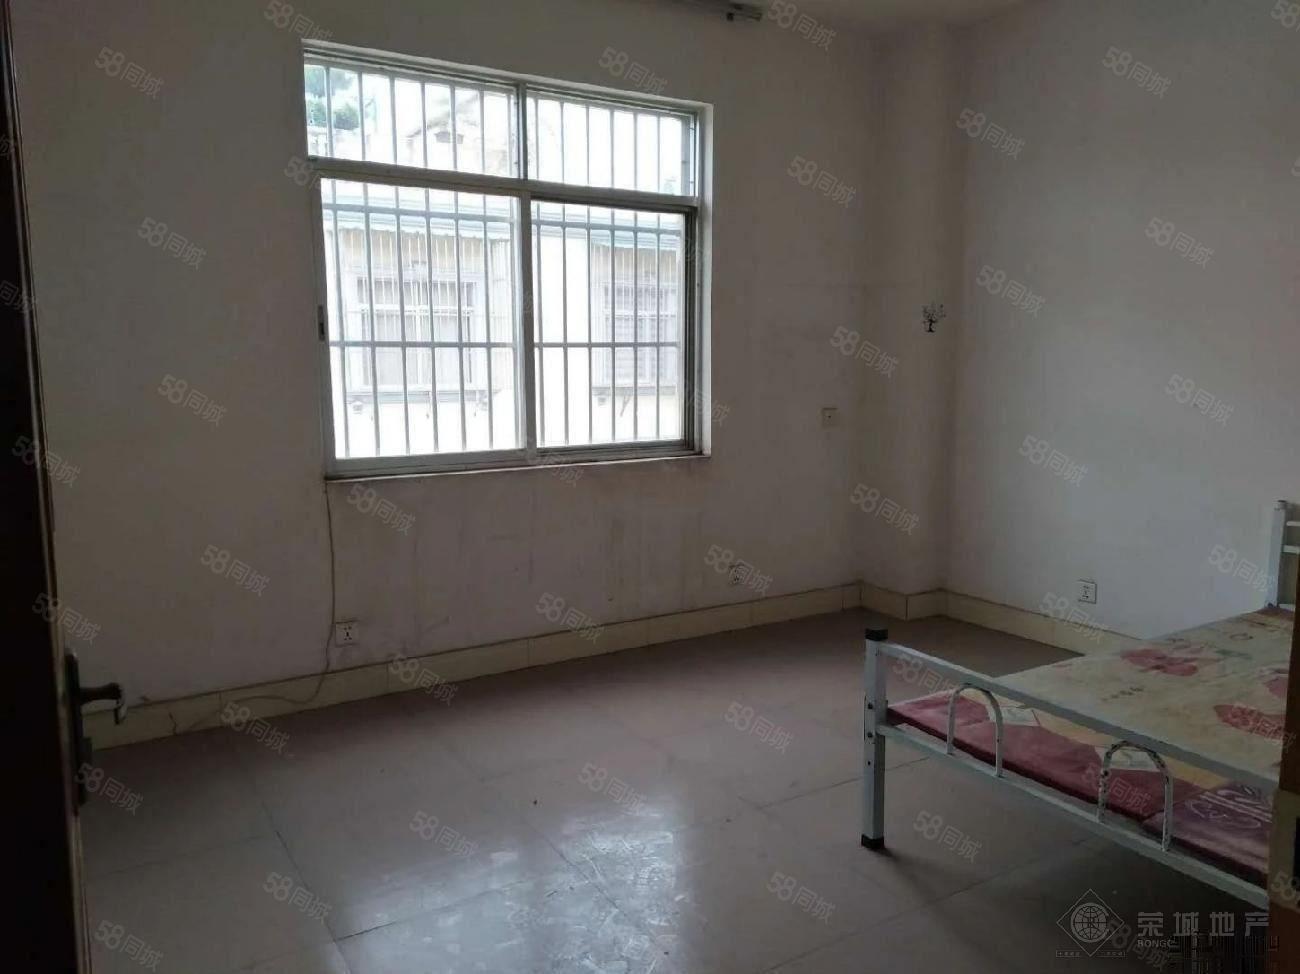 明珠路南边两室带家具带独立大阳台房源真实有效450